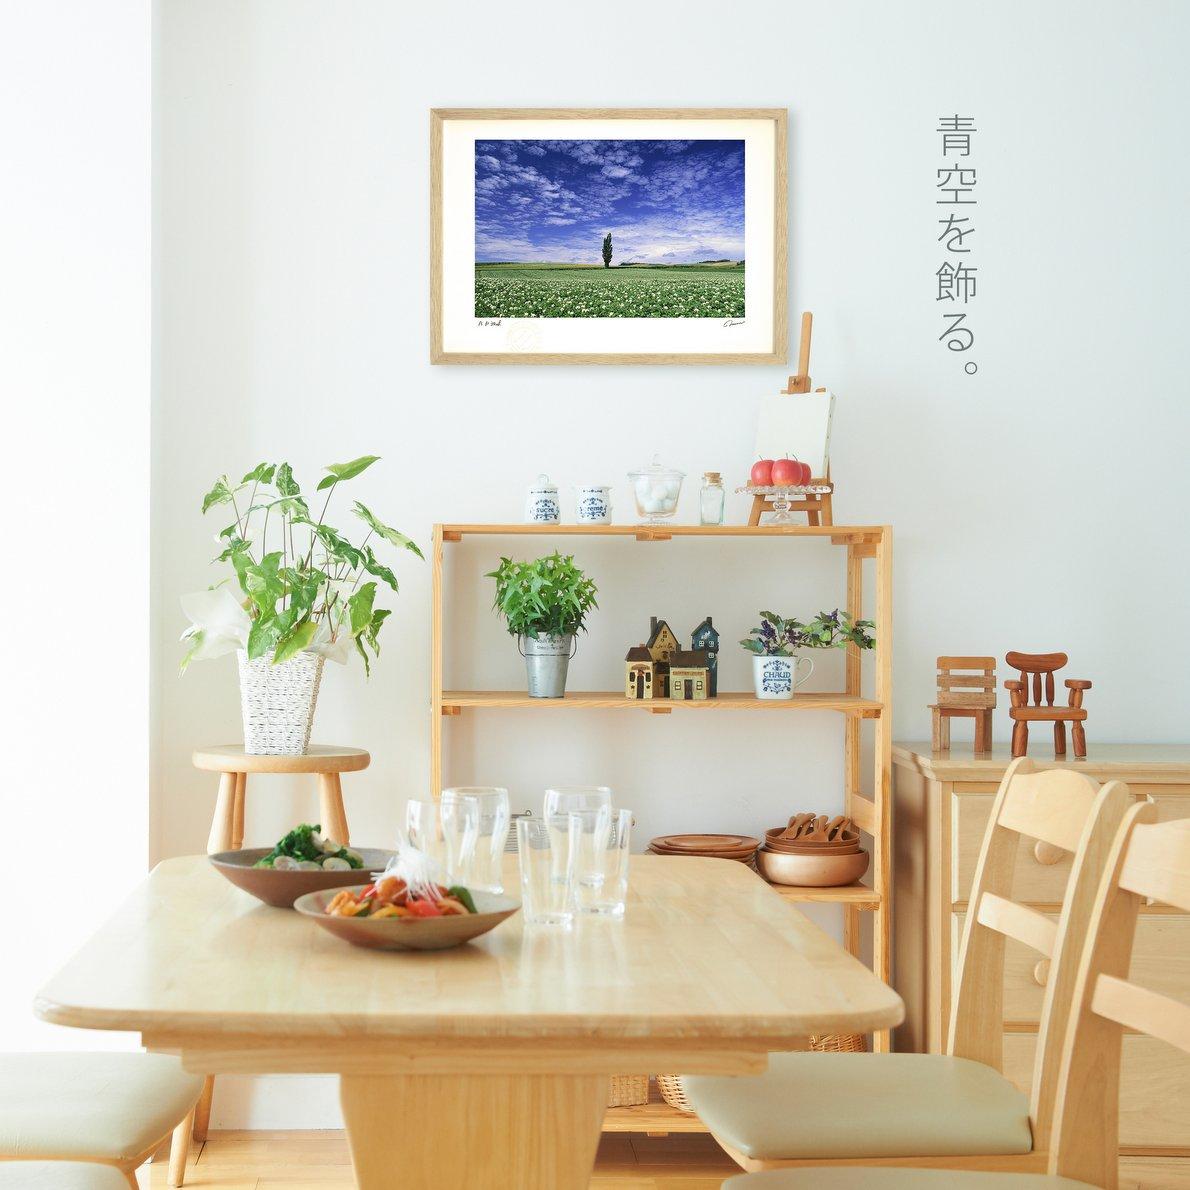 《アートフォト》サンピラー20/美瑛町〔富良野・高橋真澄〕(レンタル対象)